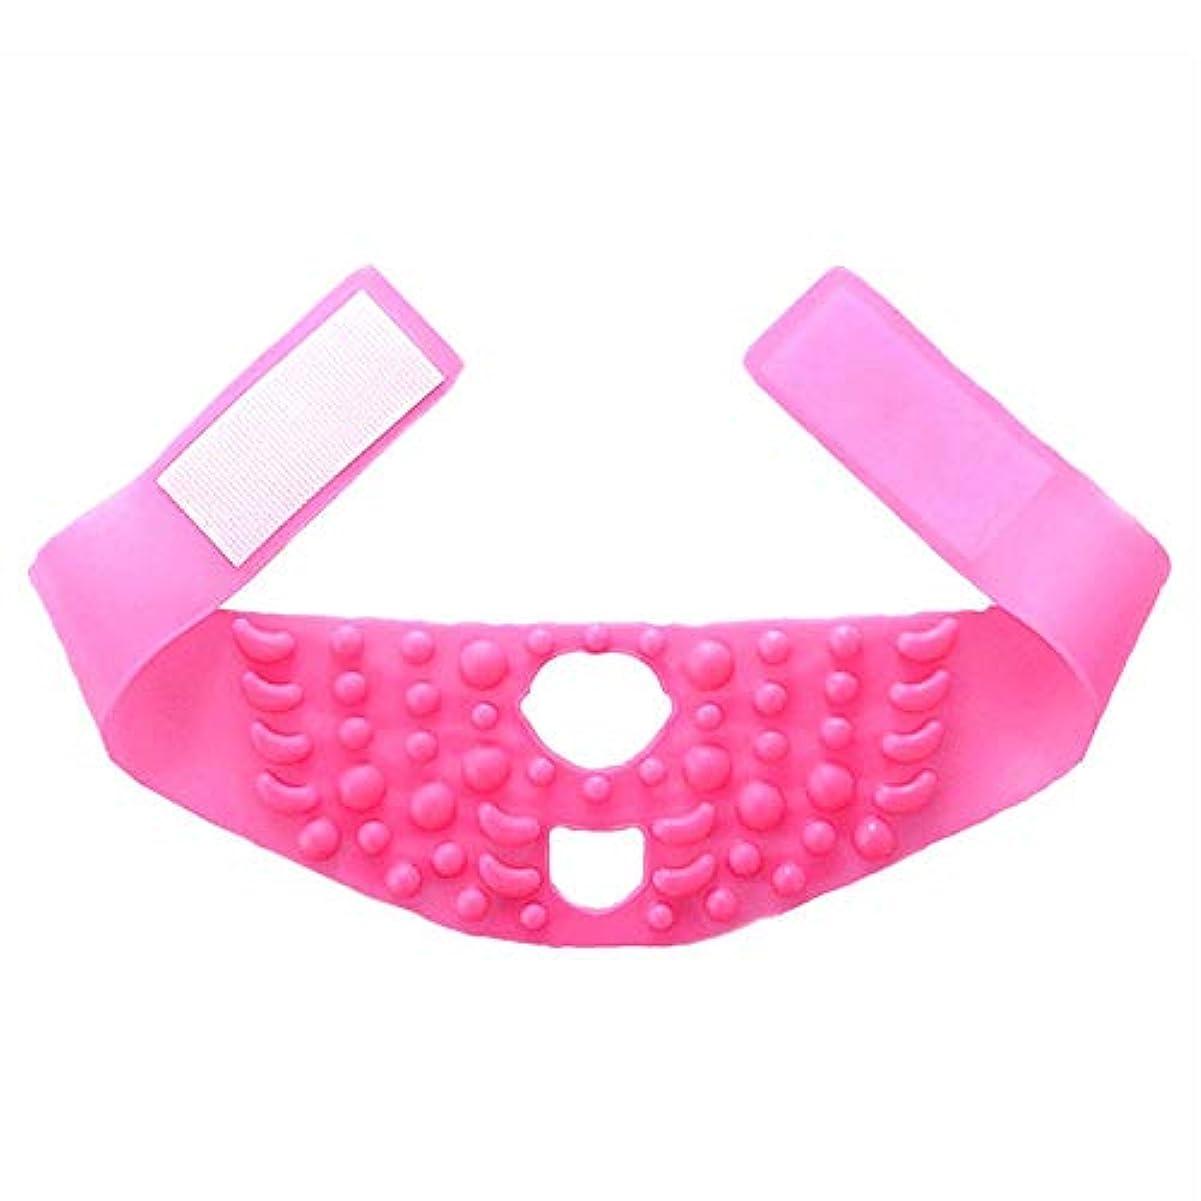 ノーブル以下冊子飛強強 シンフェイスマスクシリコーンマッサージ引き締まった形の小さなVフェイスリフティングに薄いフェイスアーティファクト包帯を飾る - ピンク スリムフィット美容ツール